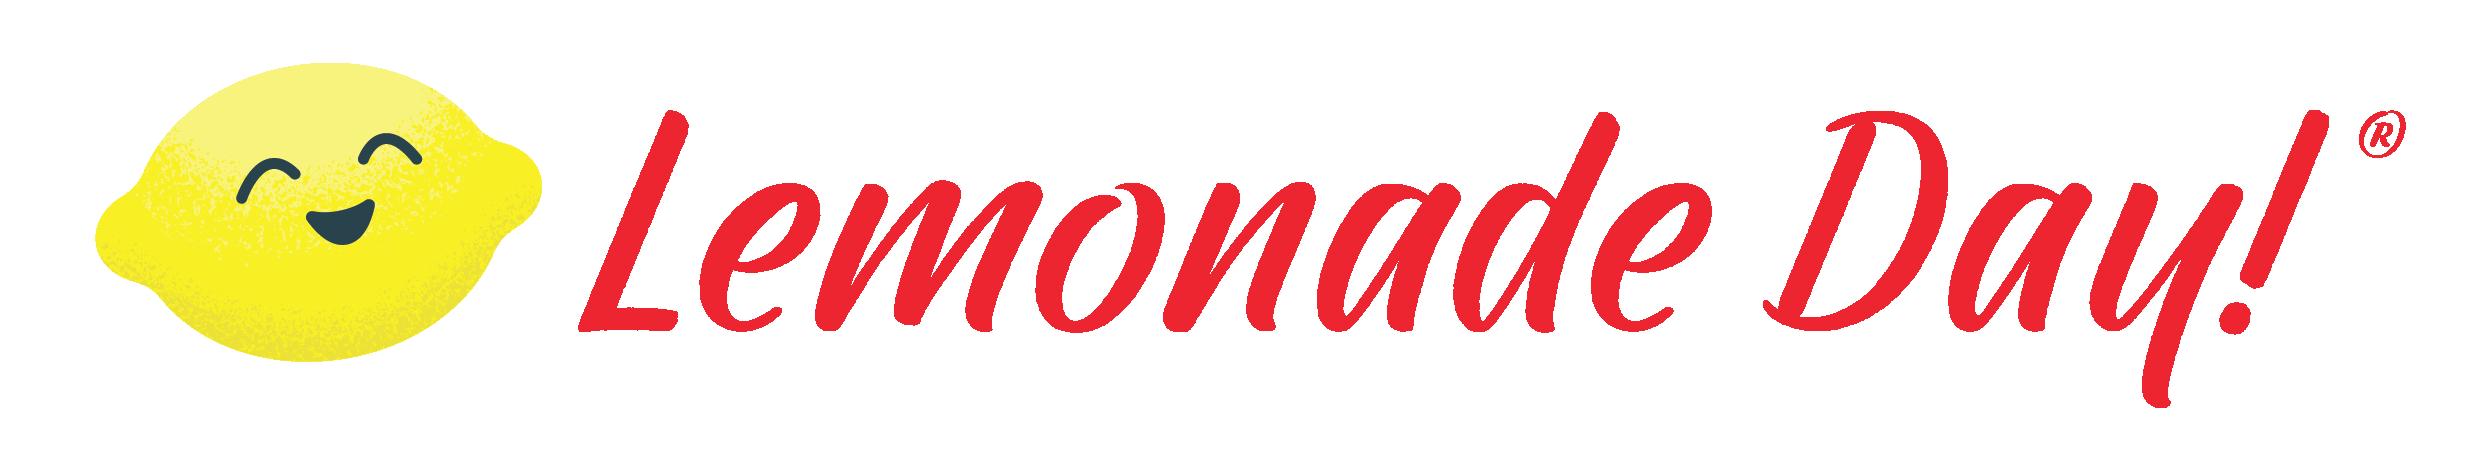 ldn-logo.png